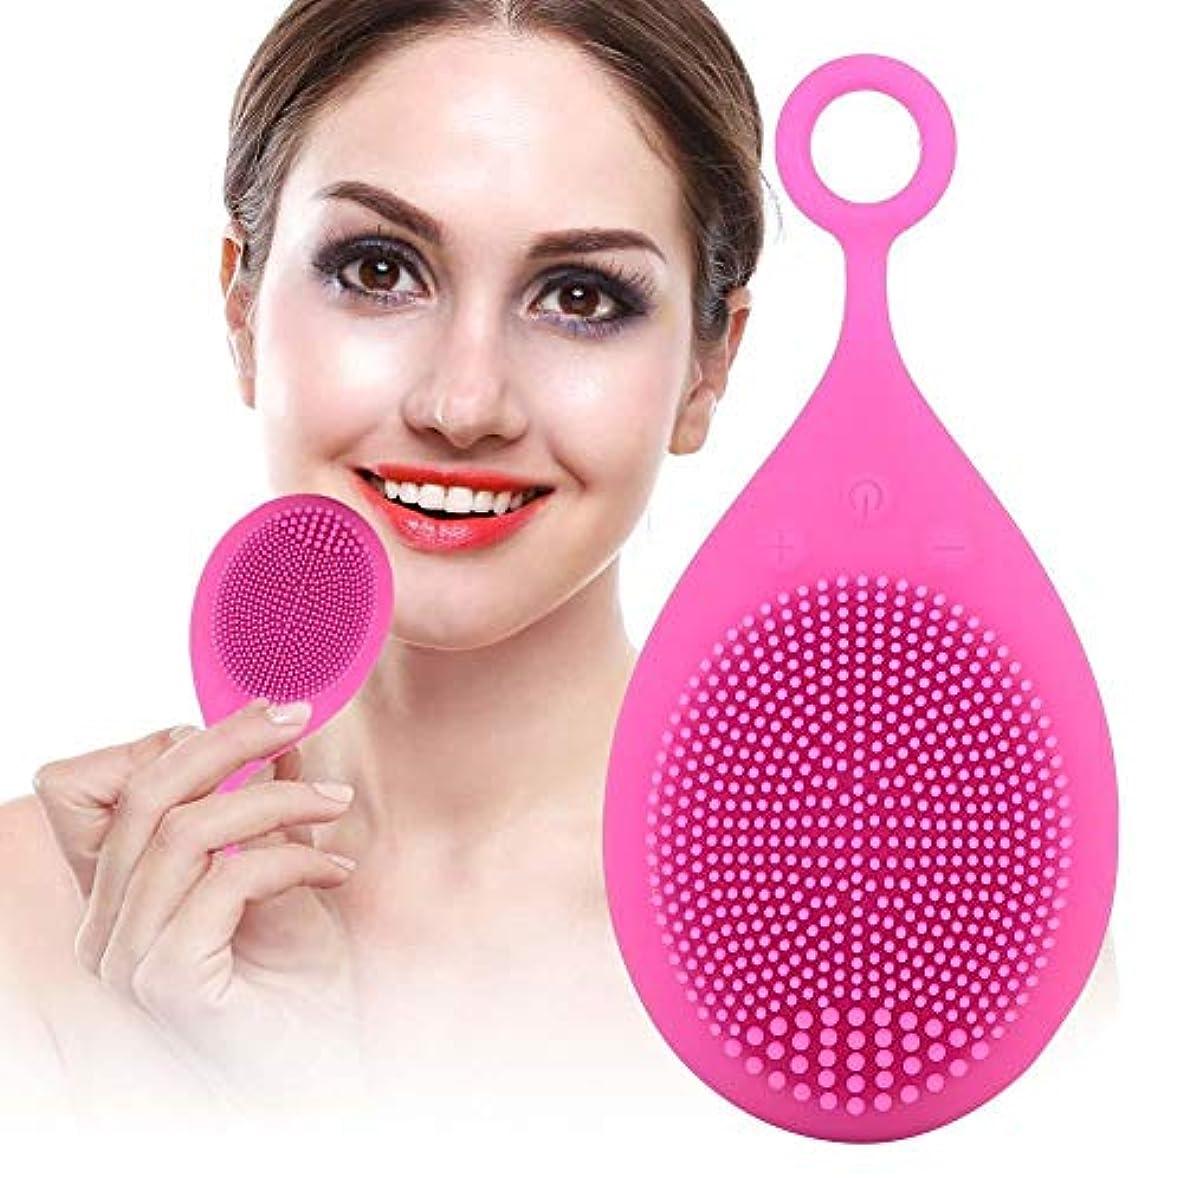 規模リースコークス洗顔ブラシ、携帯用電気クレンジングブラシ、スキンケア剥離用電動マッサージブラシ